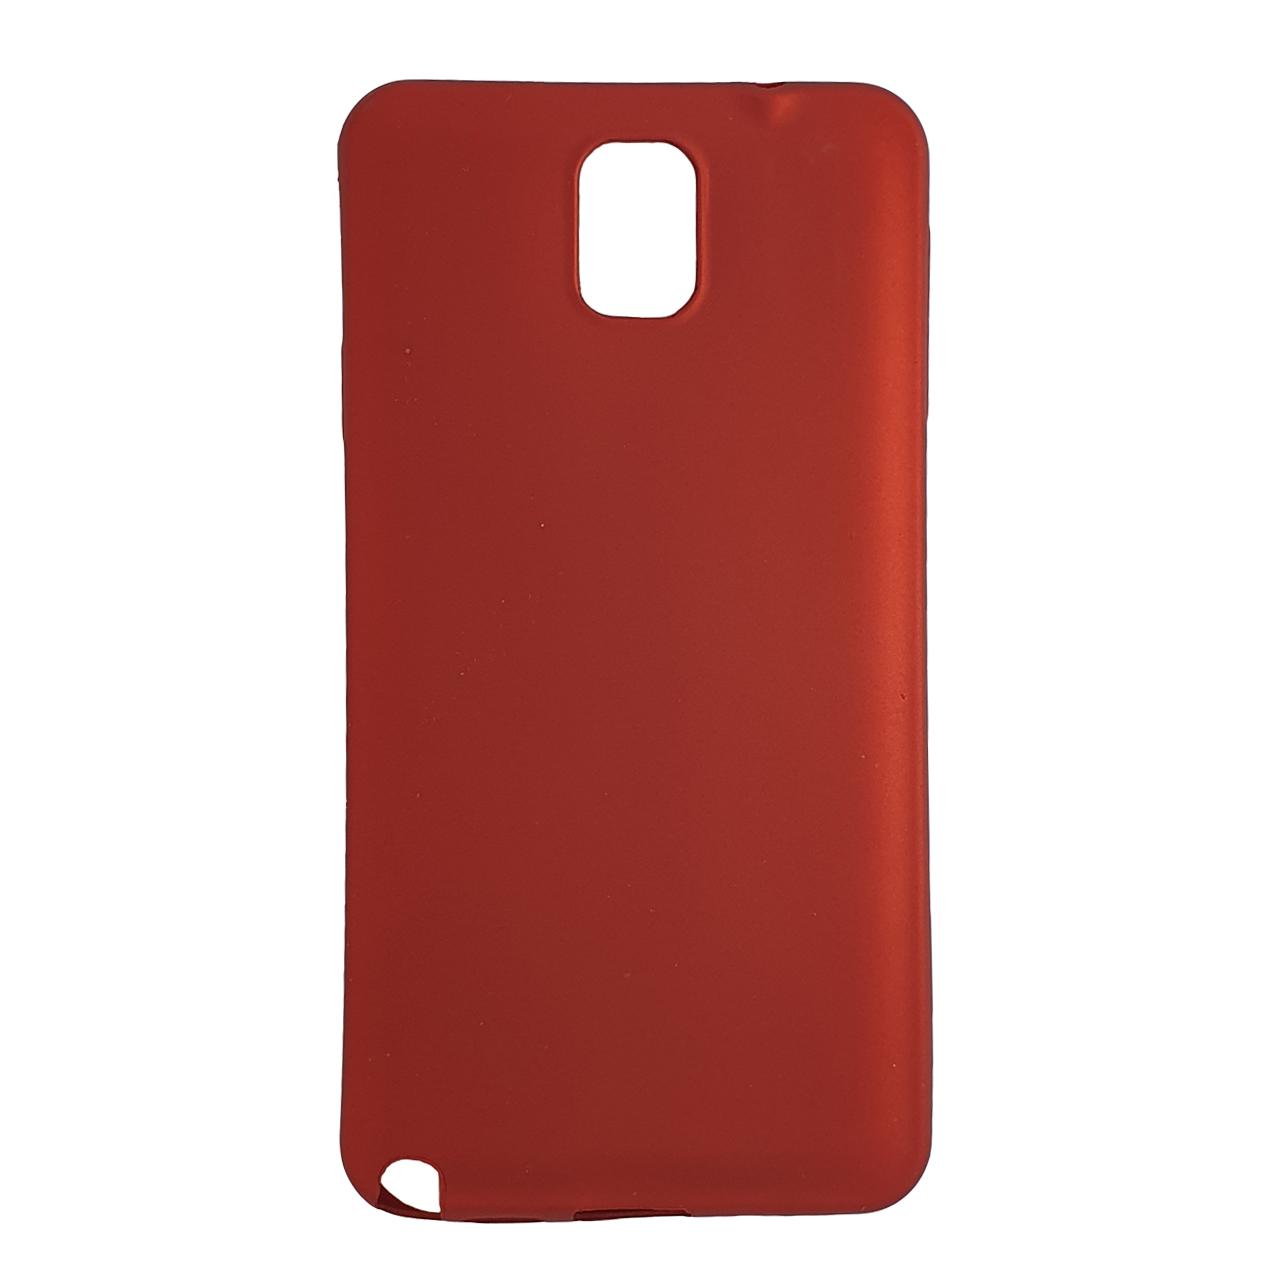 کاور ایبیزا مدل remx-45 مناسب برای گوشی موبایل سامسونگ Galaxy Note 3